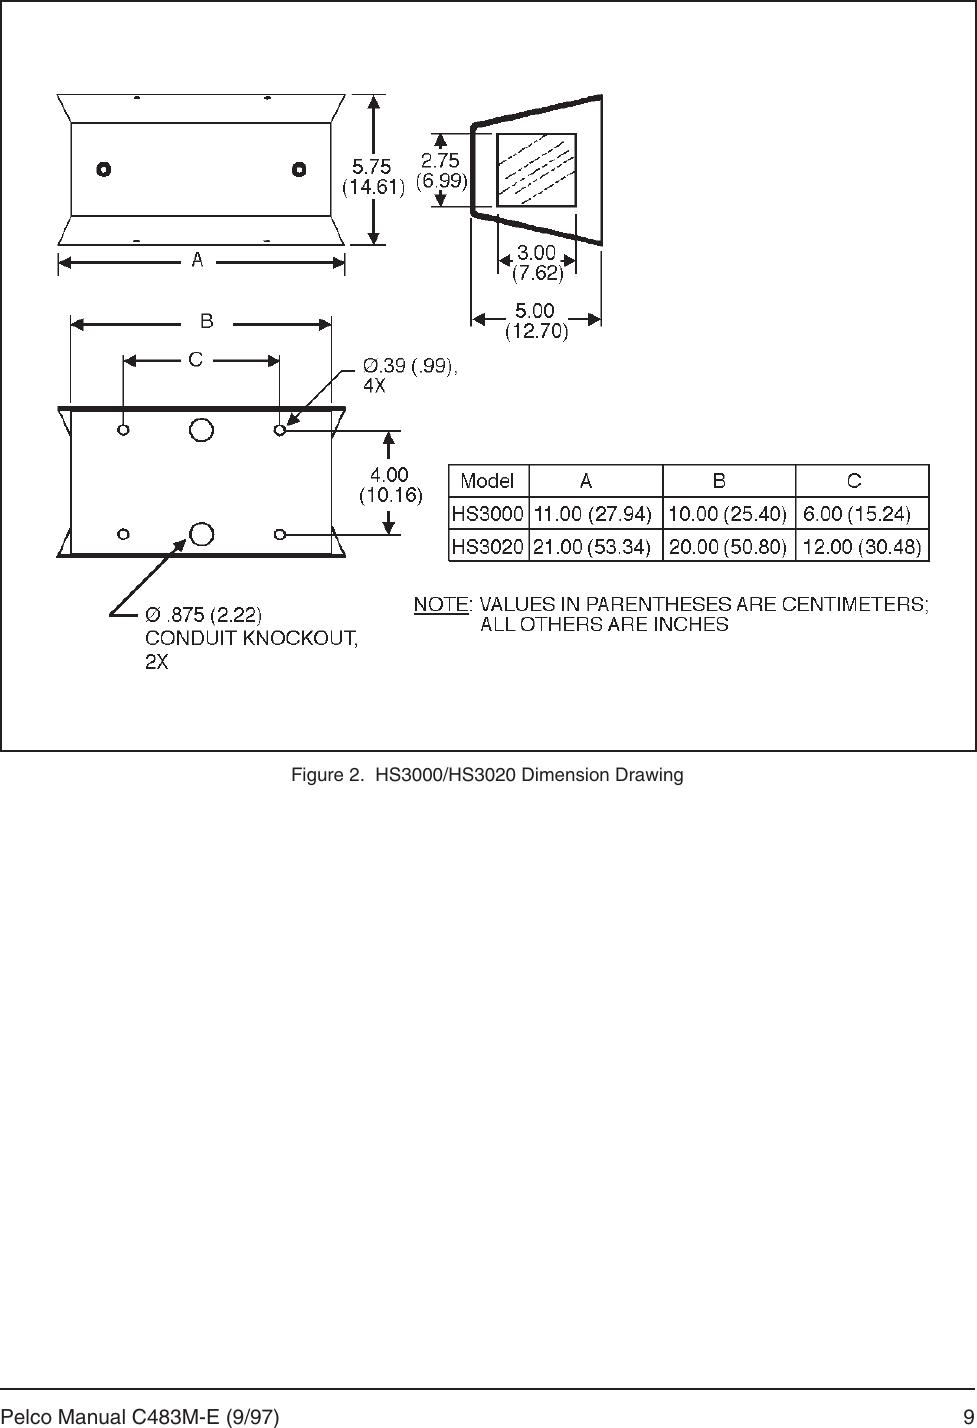 medium resolution of page 11 of 12 pelco pelco pelco security camera hs3020